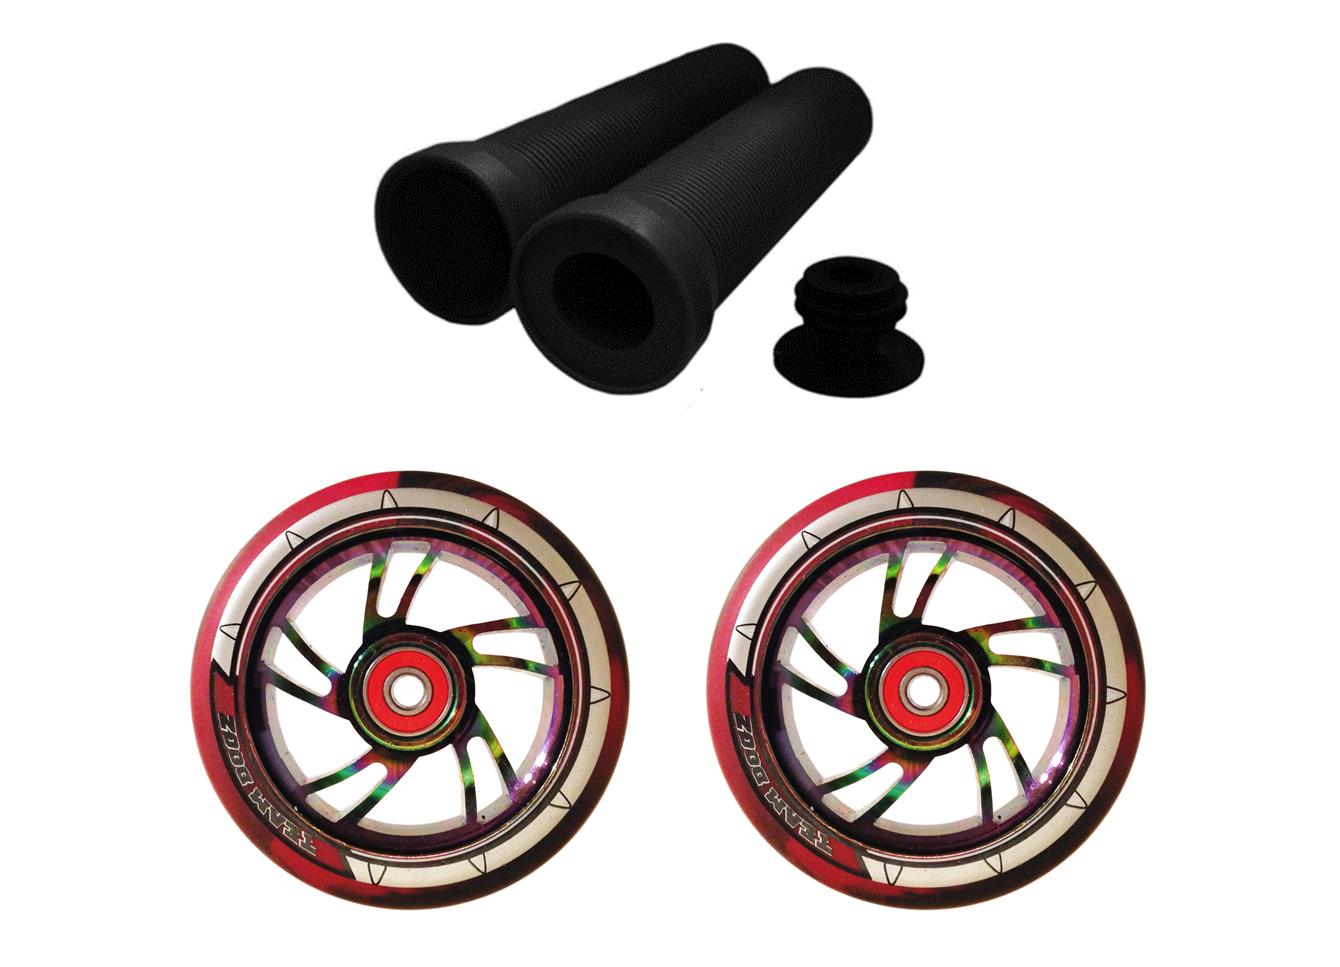 Rollerräder 100mm Kombo Paar Schwarz Rot Regenbogen Regenbogen Regenbogen Swirl Kern + Lenkergriffe    Niedriger Preis und gute Qualität  472261